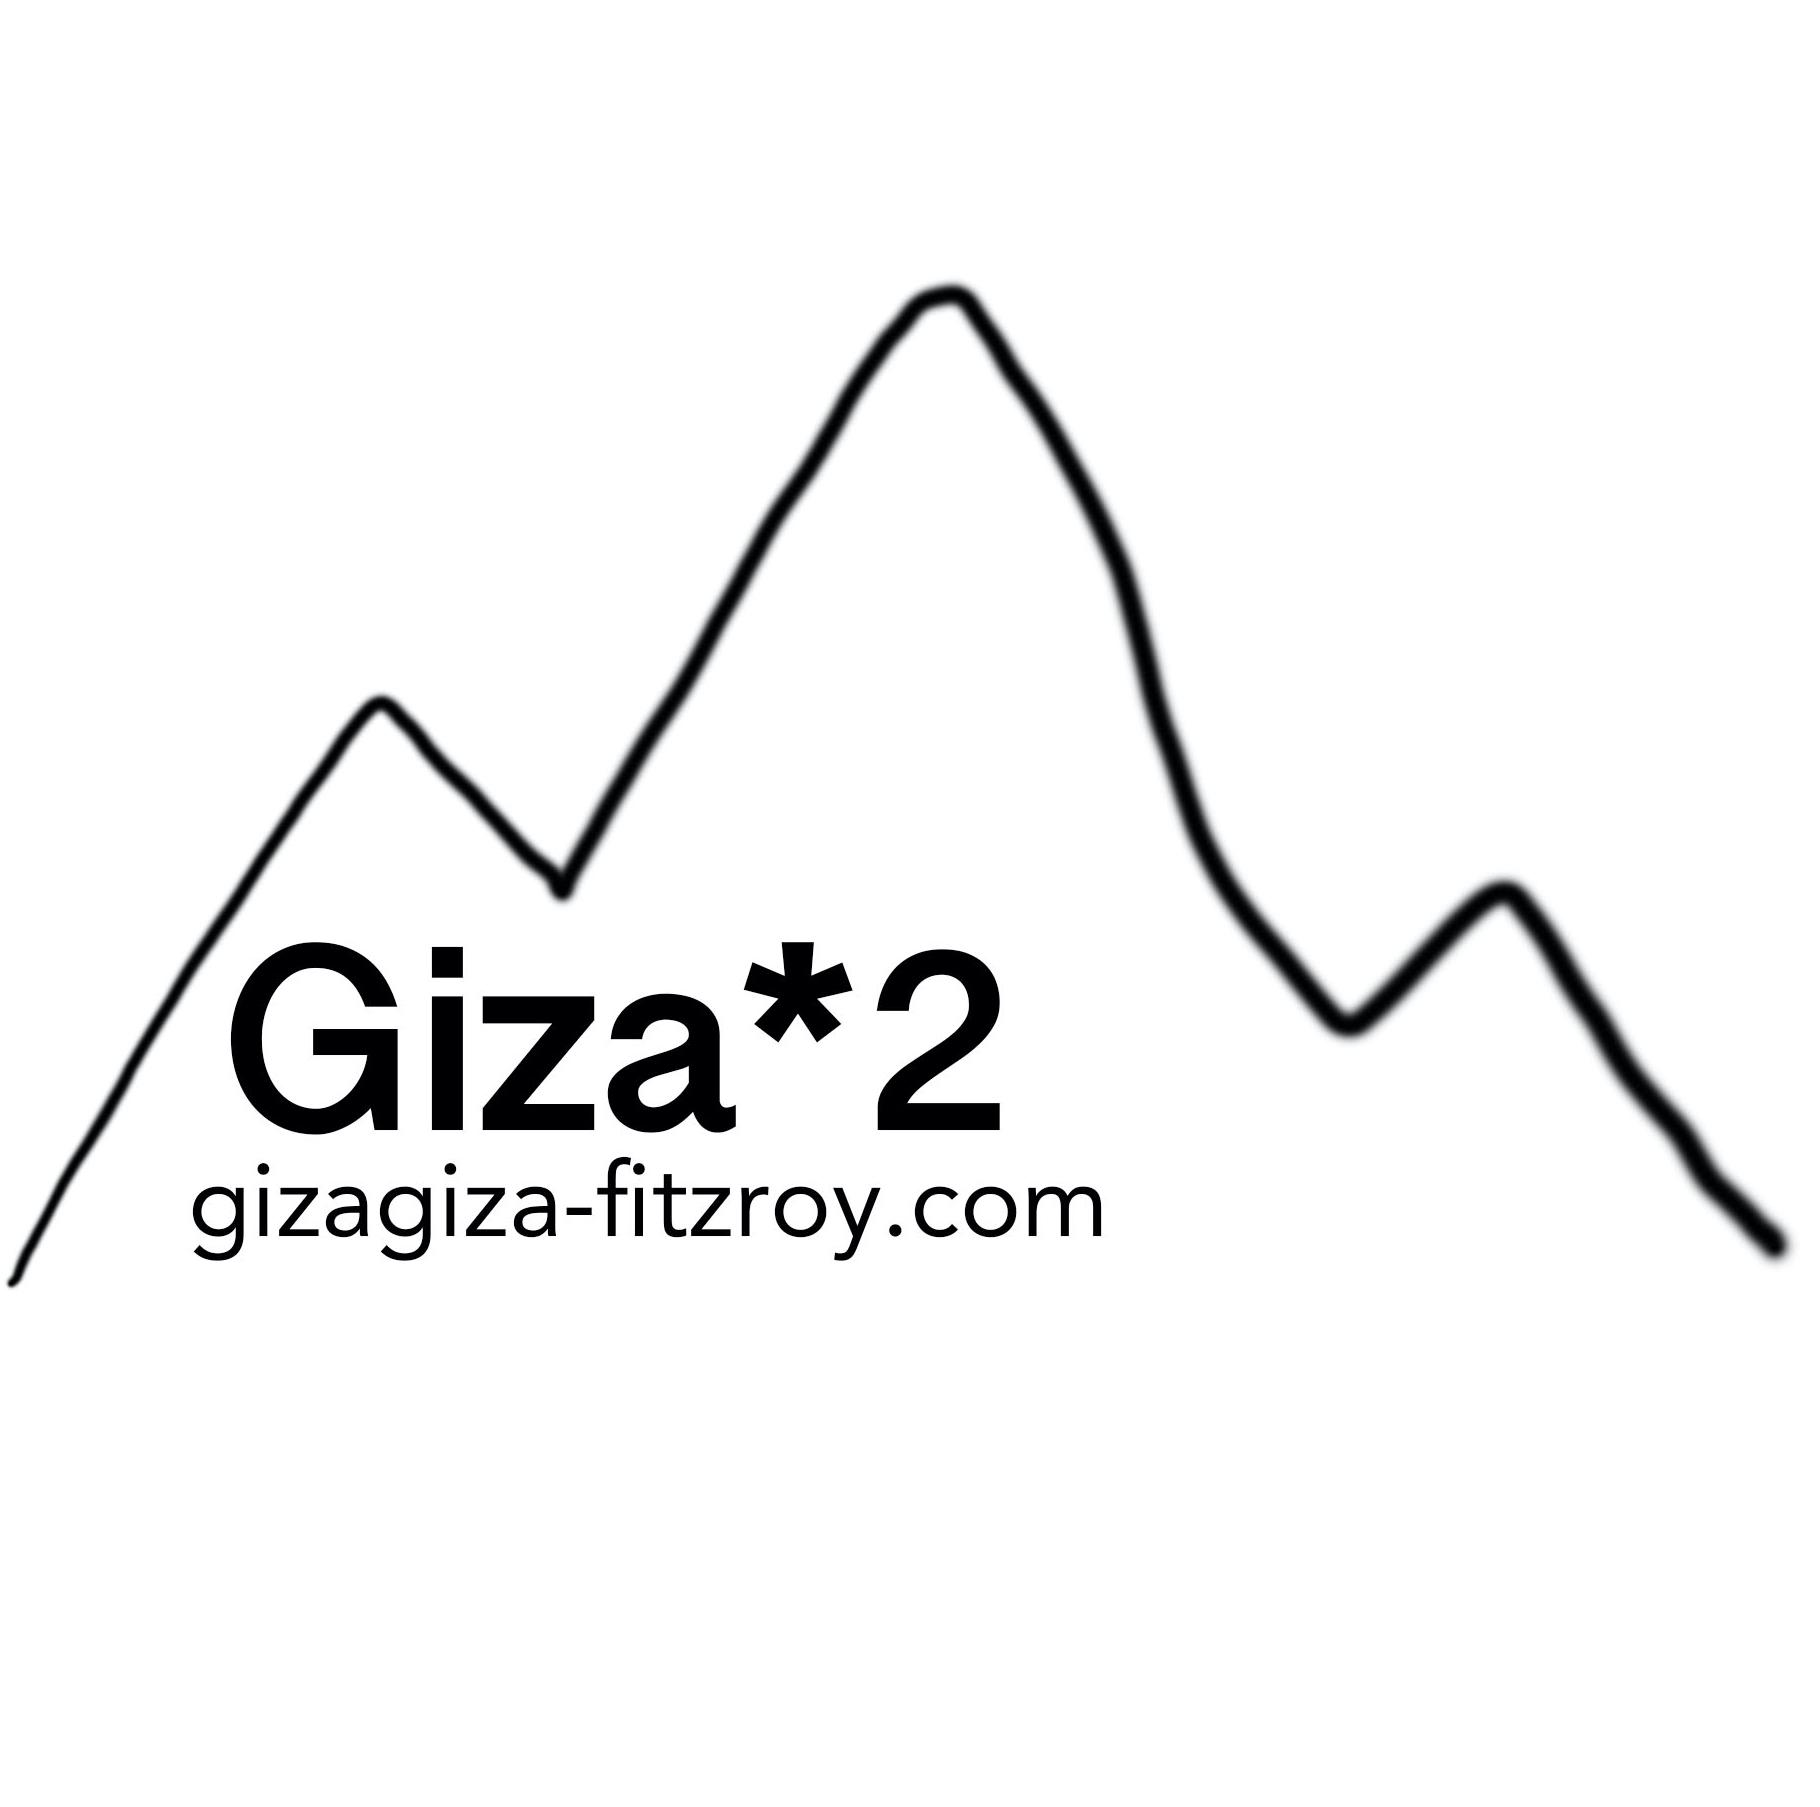 Giza*2